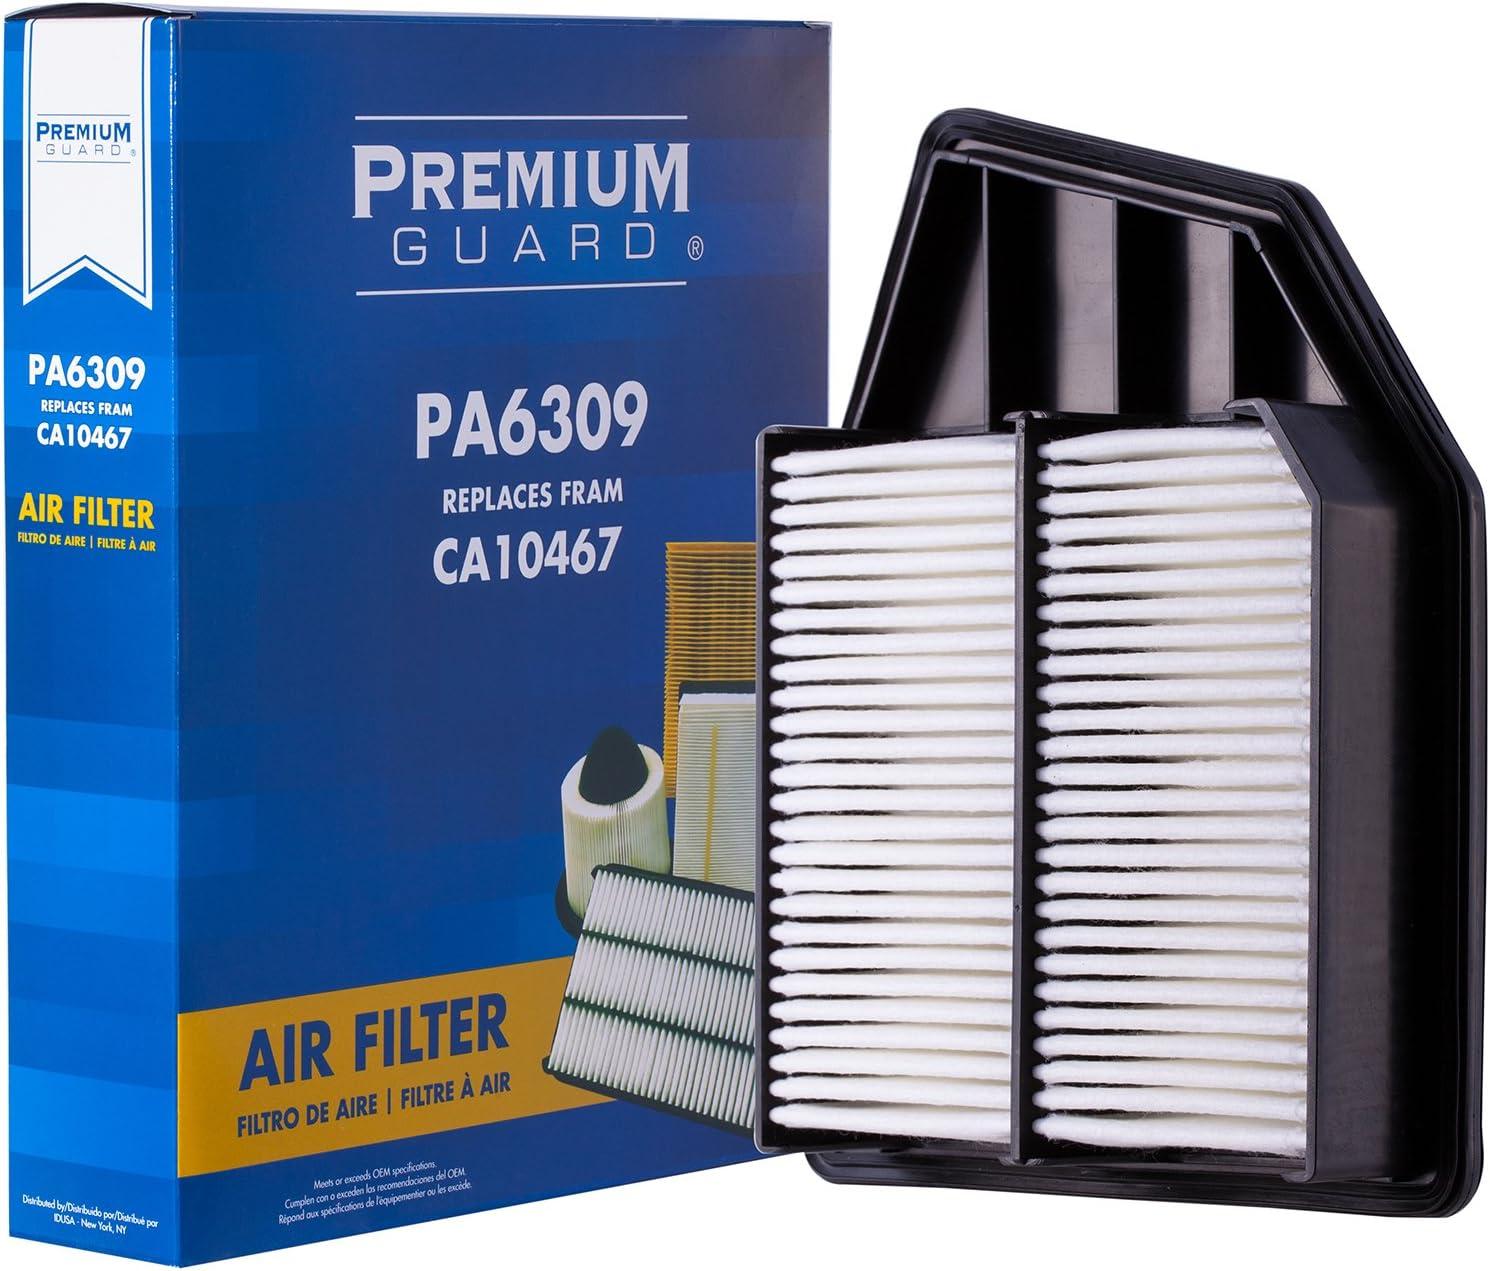 Premium Guard Air Filter PA6309 | Fits 2008-12 Honda Accord, 2012-15 Crosstour